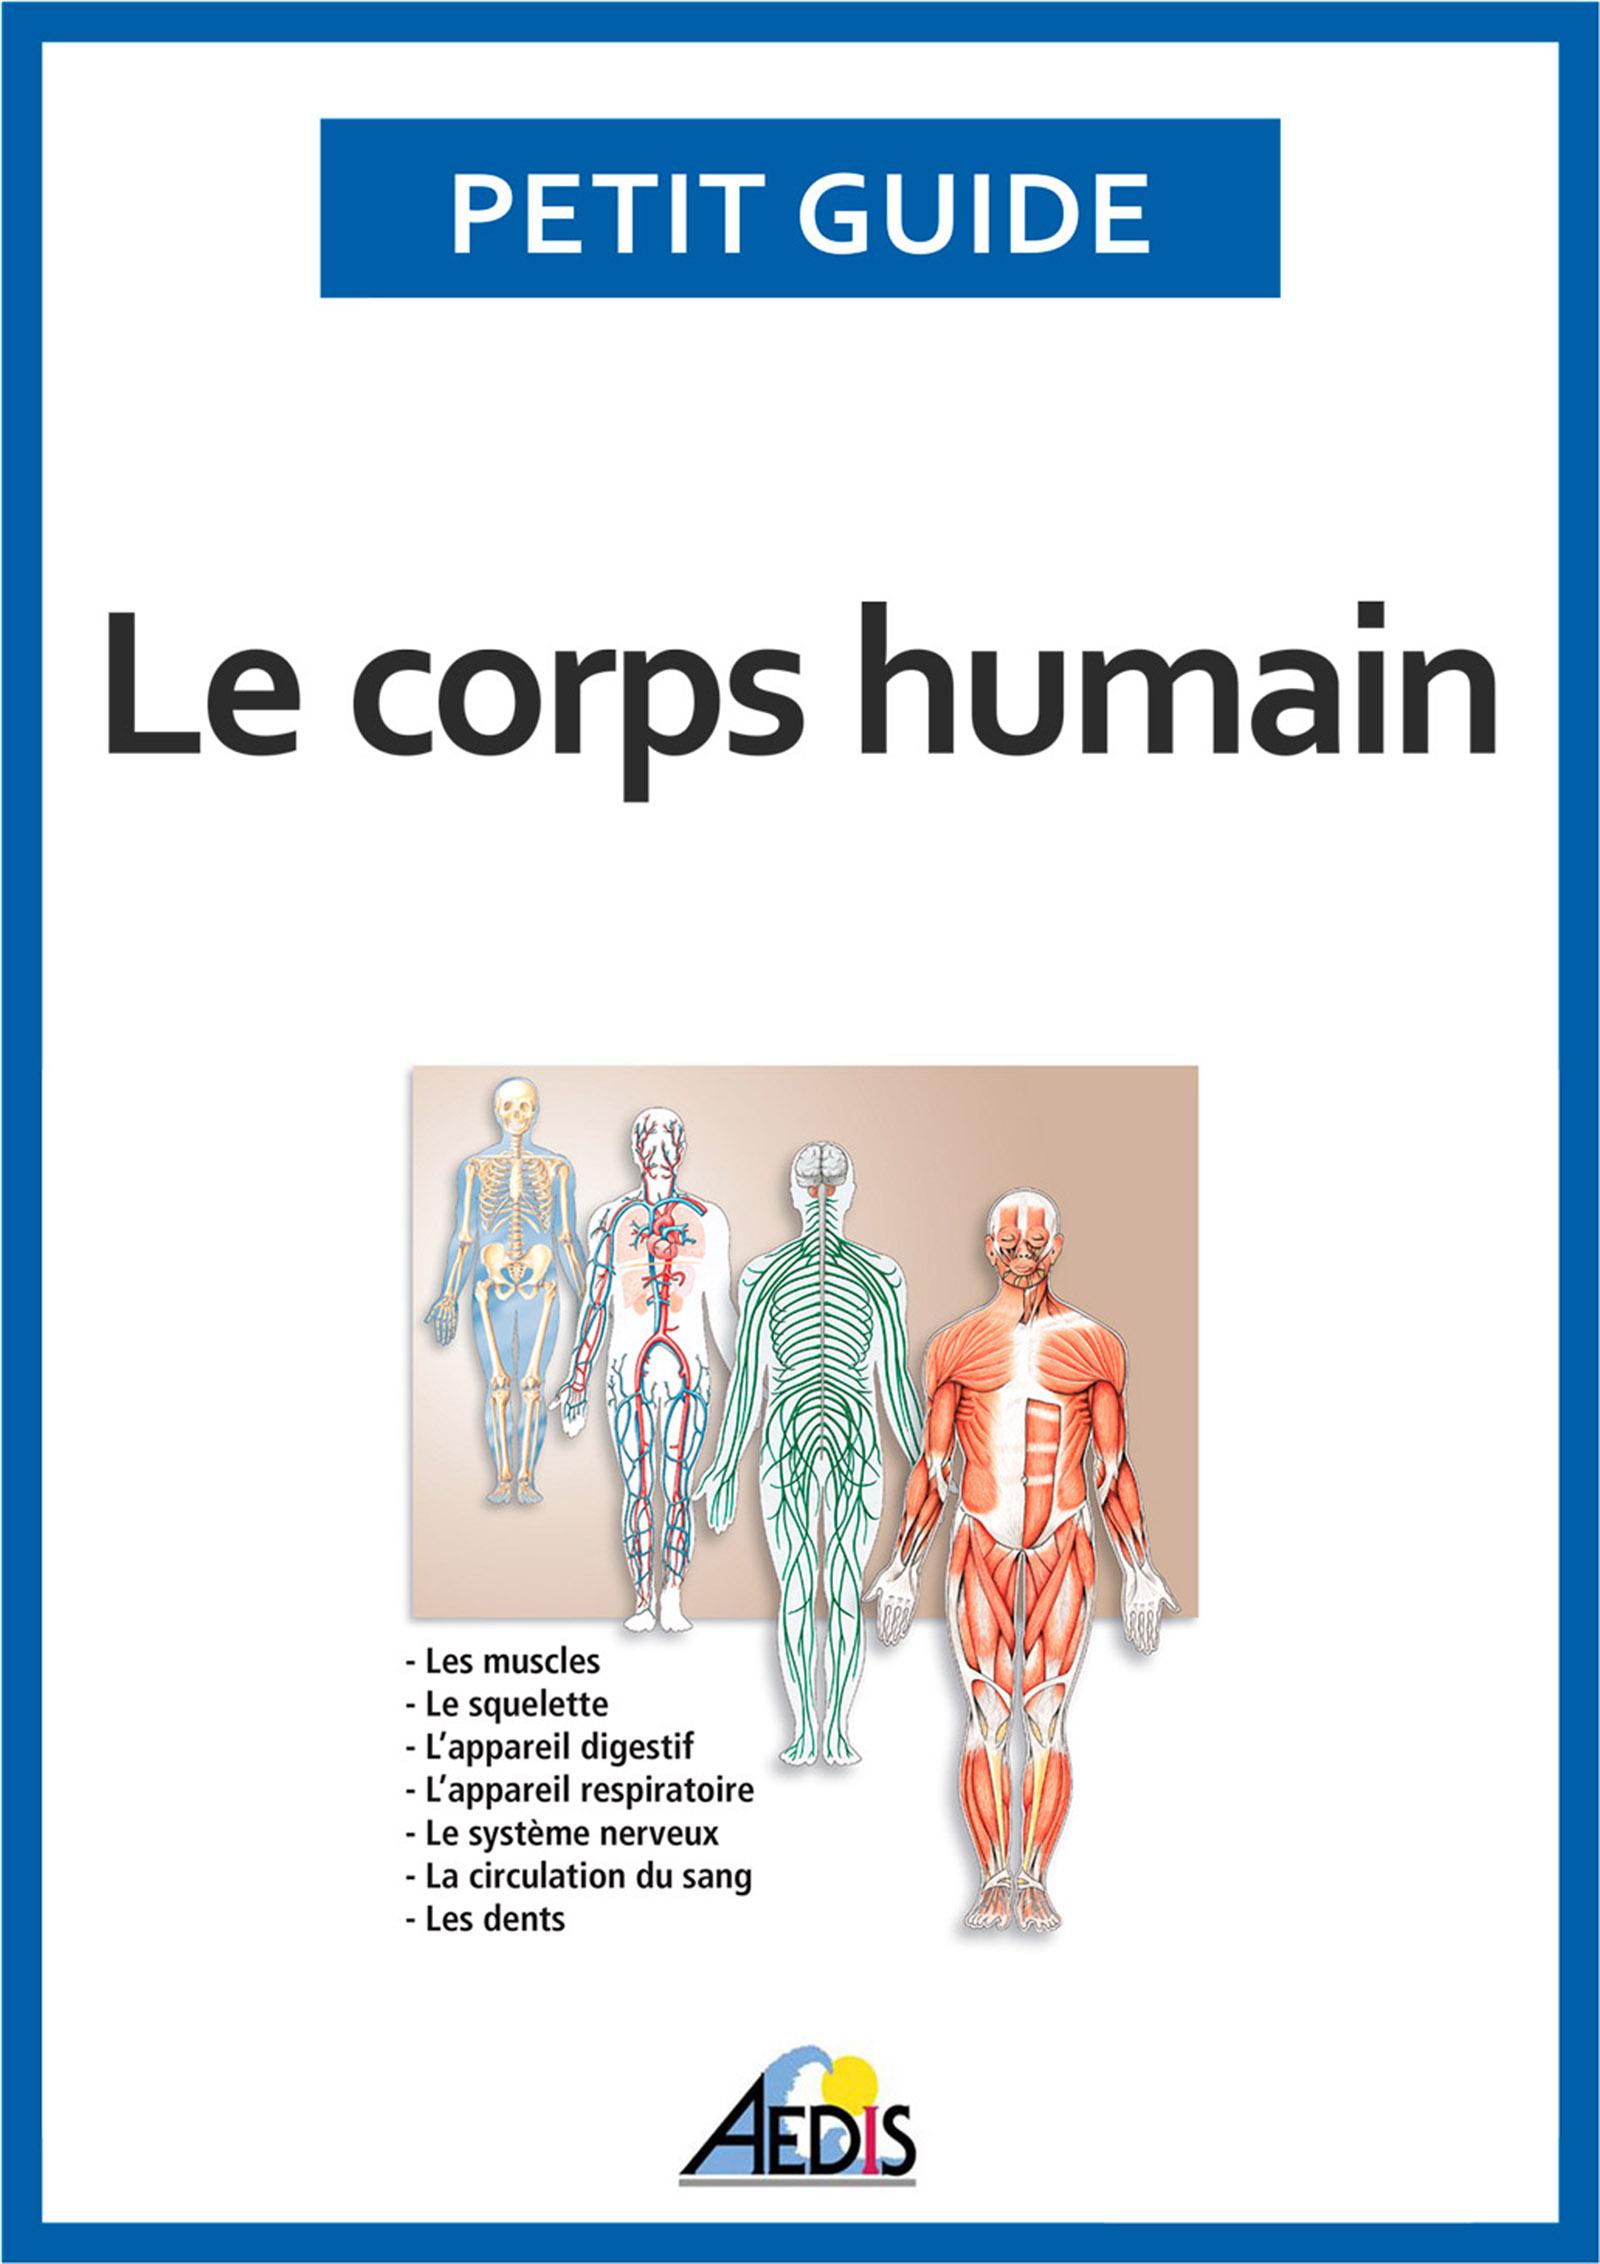 Le corps humain, Un guide pratique pour découvrir l'anatomie